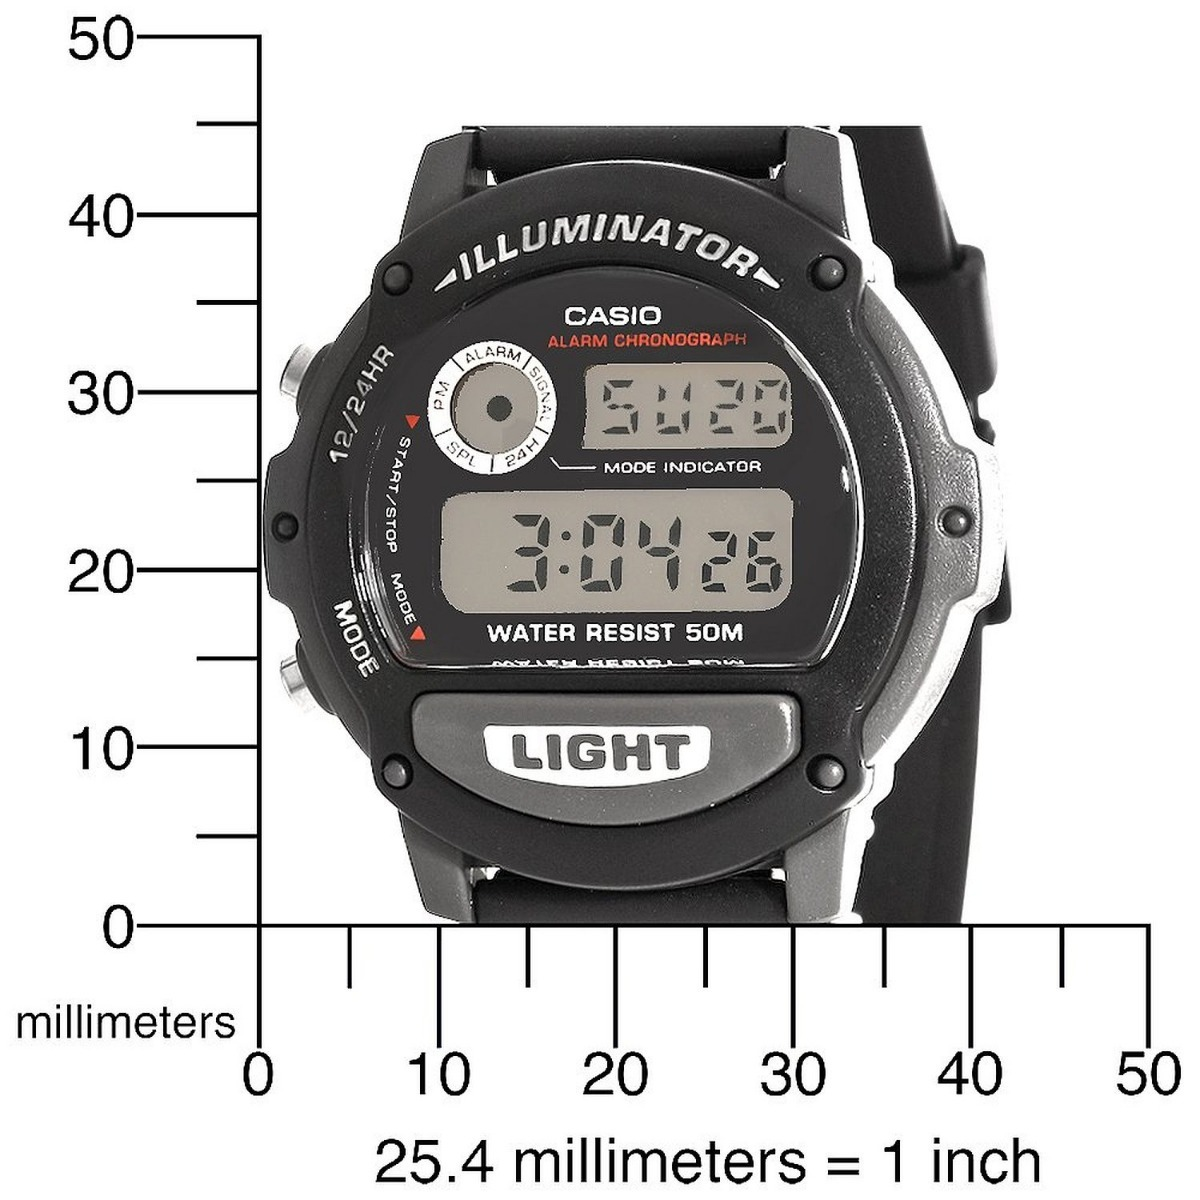 07389561a8ab reloj casio illuminator deportivo y casual. Cargando zoom.